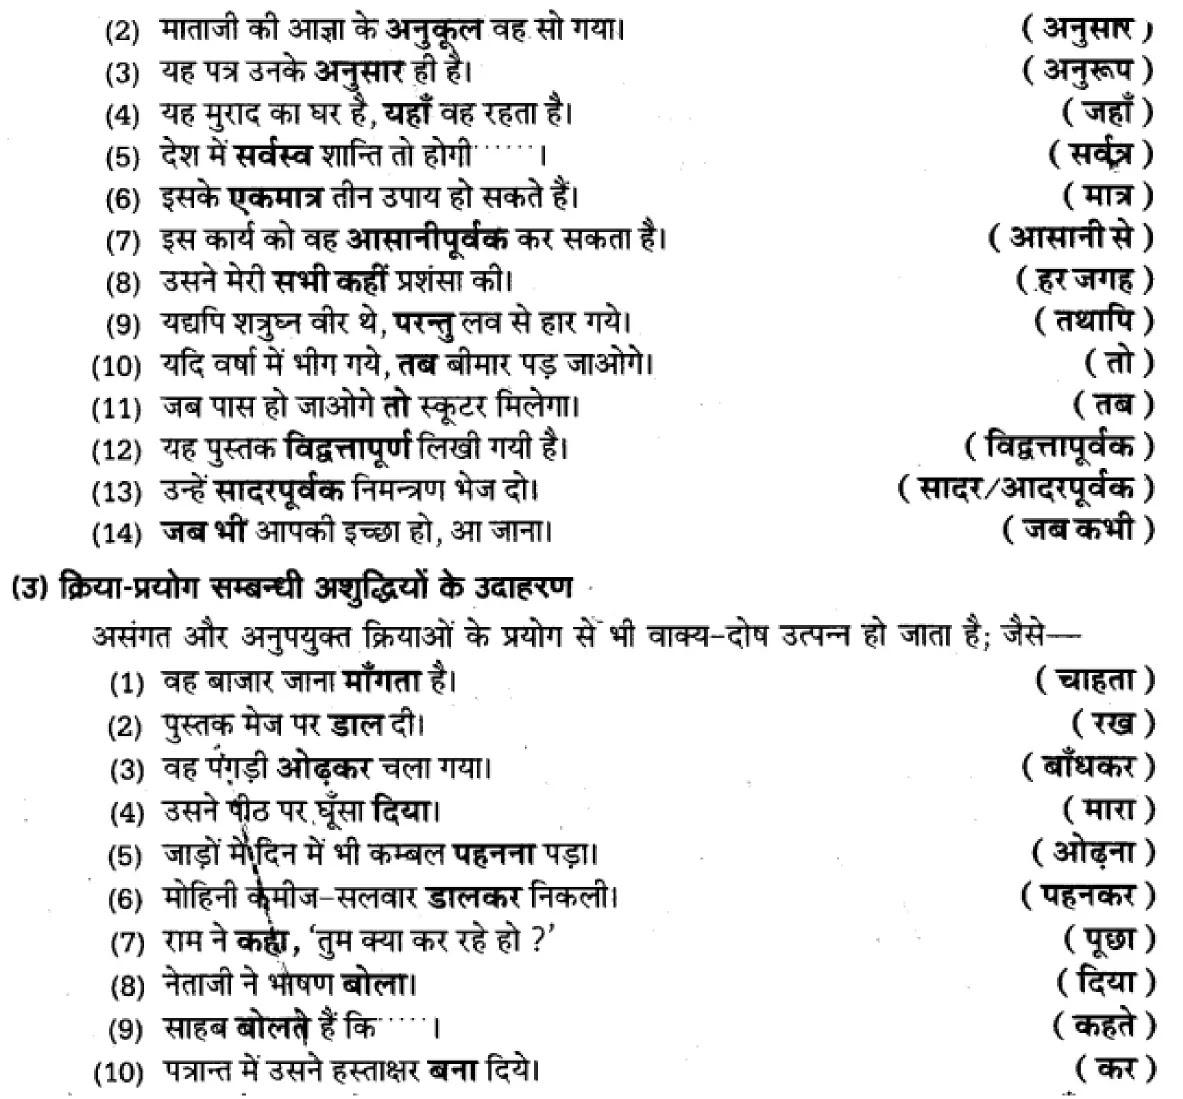 """यूपी बोर्ड एनसीईआरटी समाधान """"कक्षा 11 सामान्य  हिंदी"""" वाक्यों में त्रुटि-मार्जन  हिंदी में"""